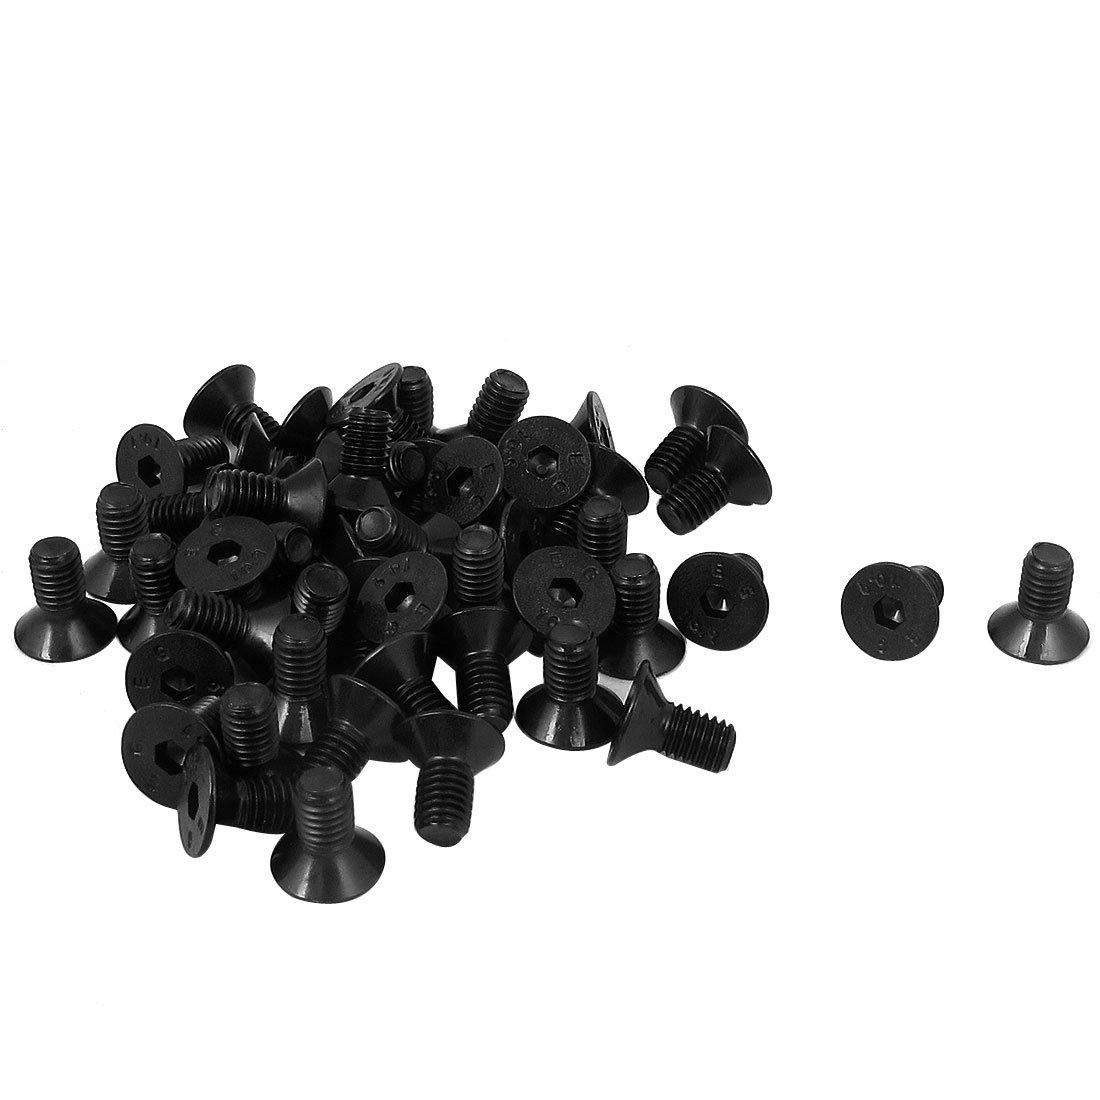 uxcell M5 x 10mm Metric Hex Socket Countersunk Head Screw Bolts Black 50PCS